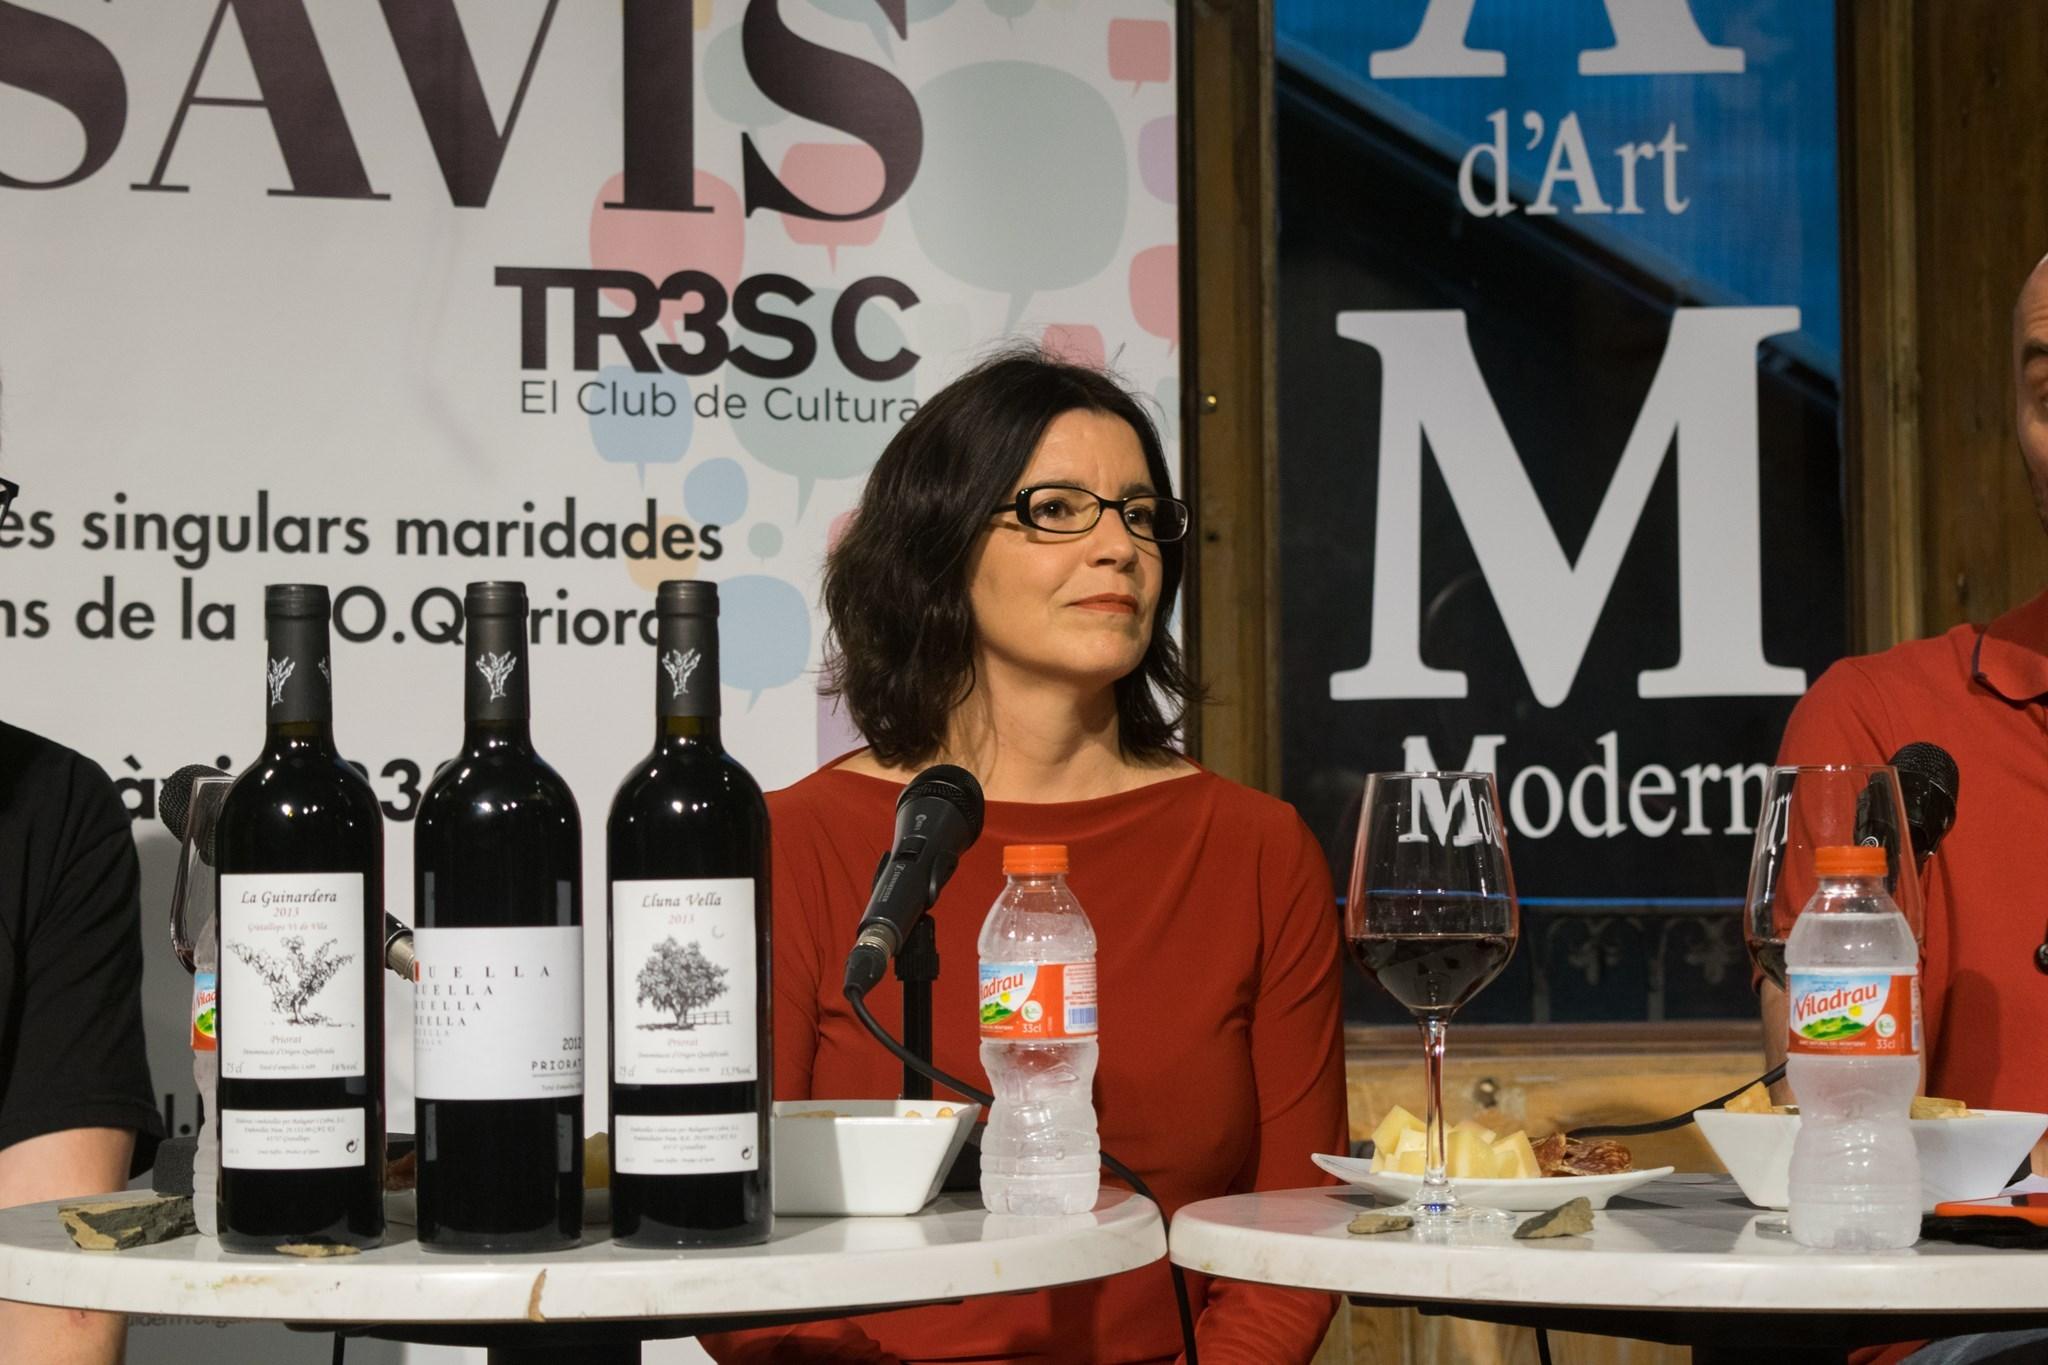 #VisàVisTR3SC amb Laia Marull i Celler Balaguer i Cabré